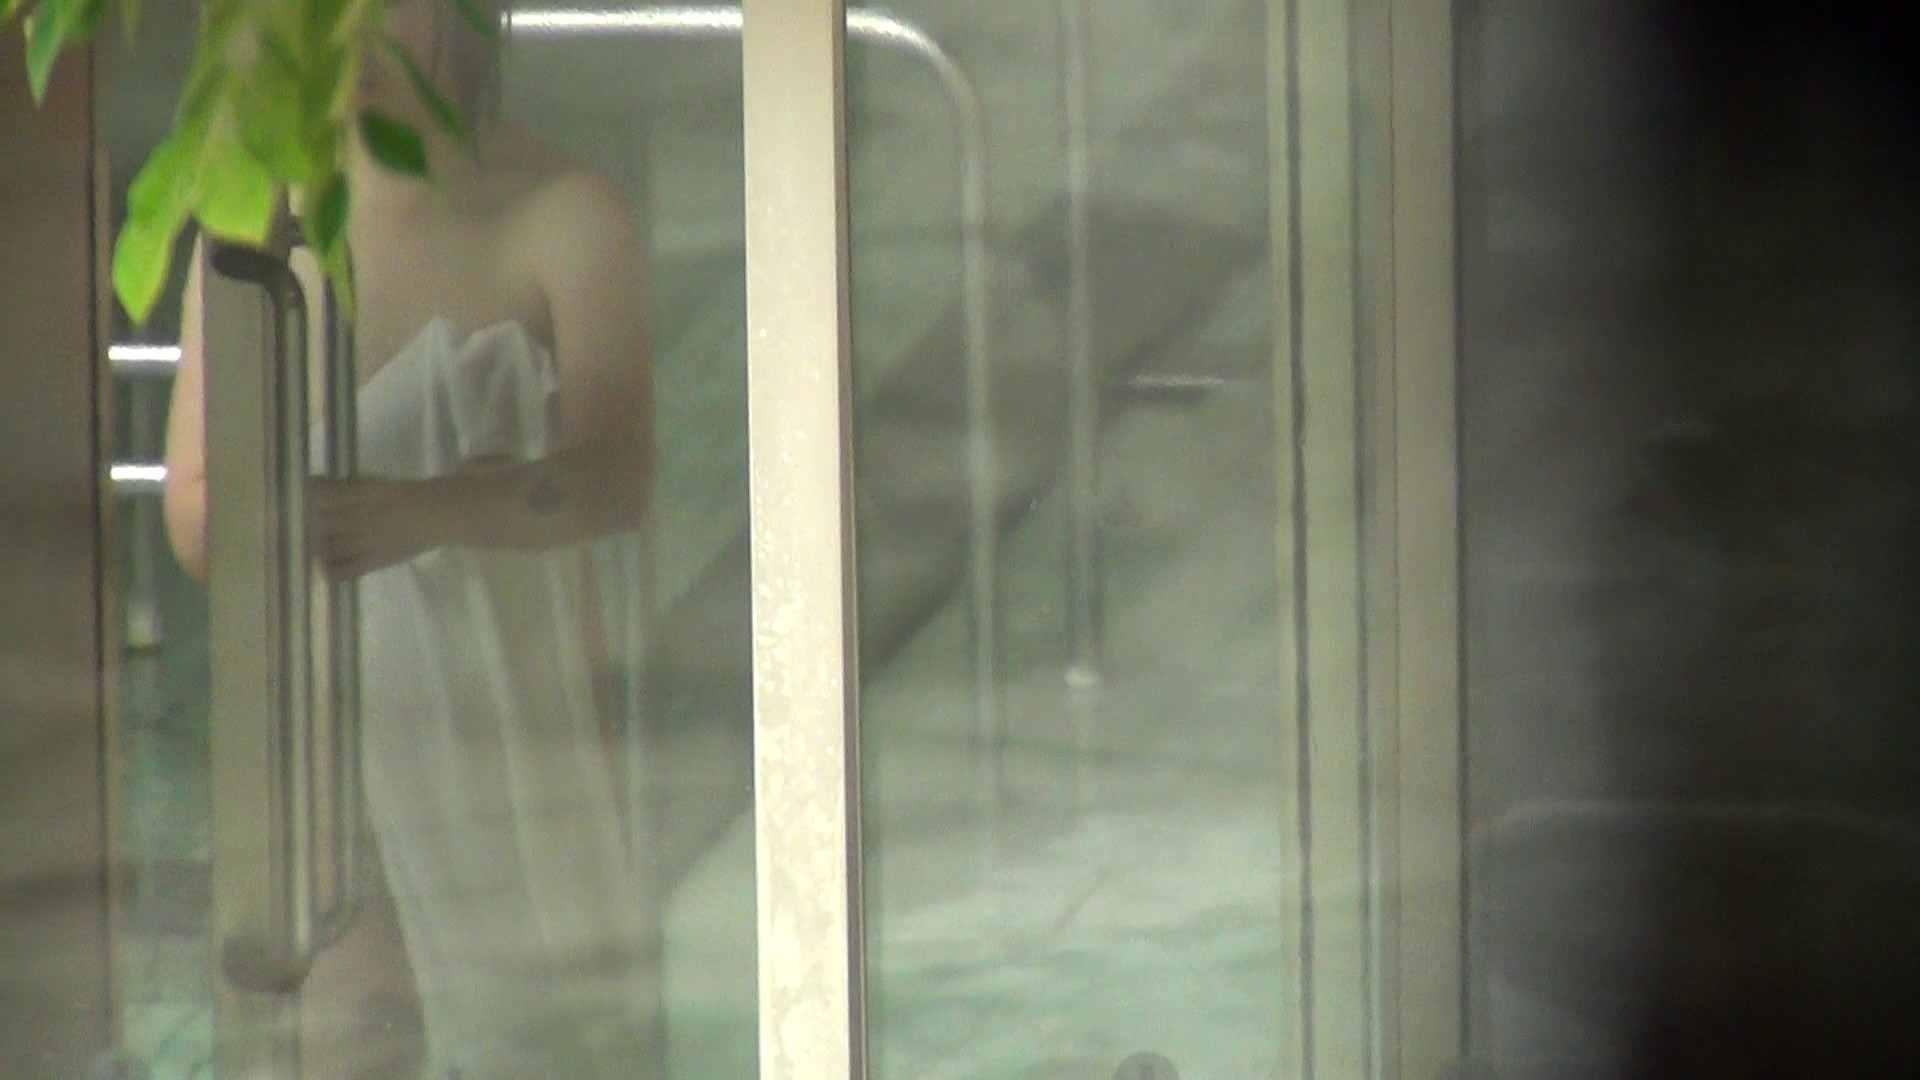 Aquaな露天風呂Vol.313 露天 | 盗撮  61PICs 16